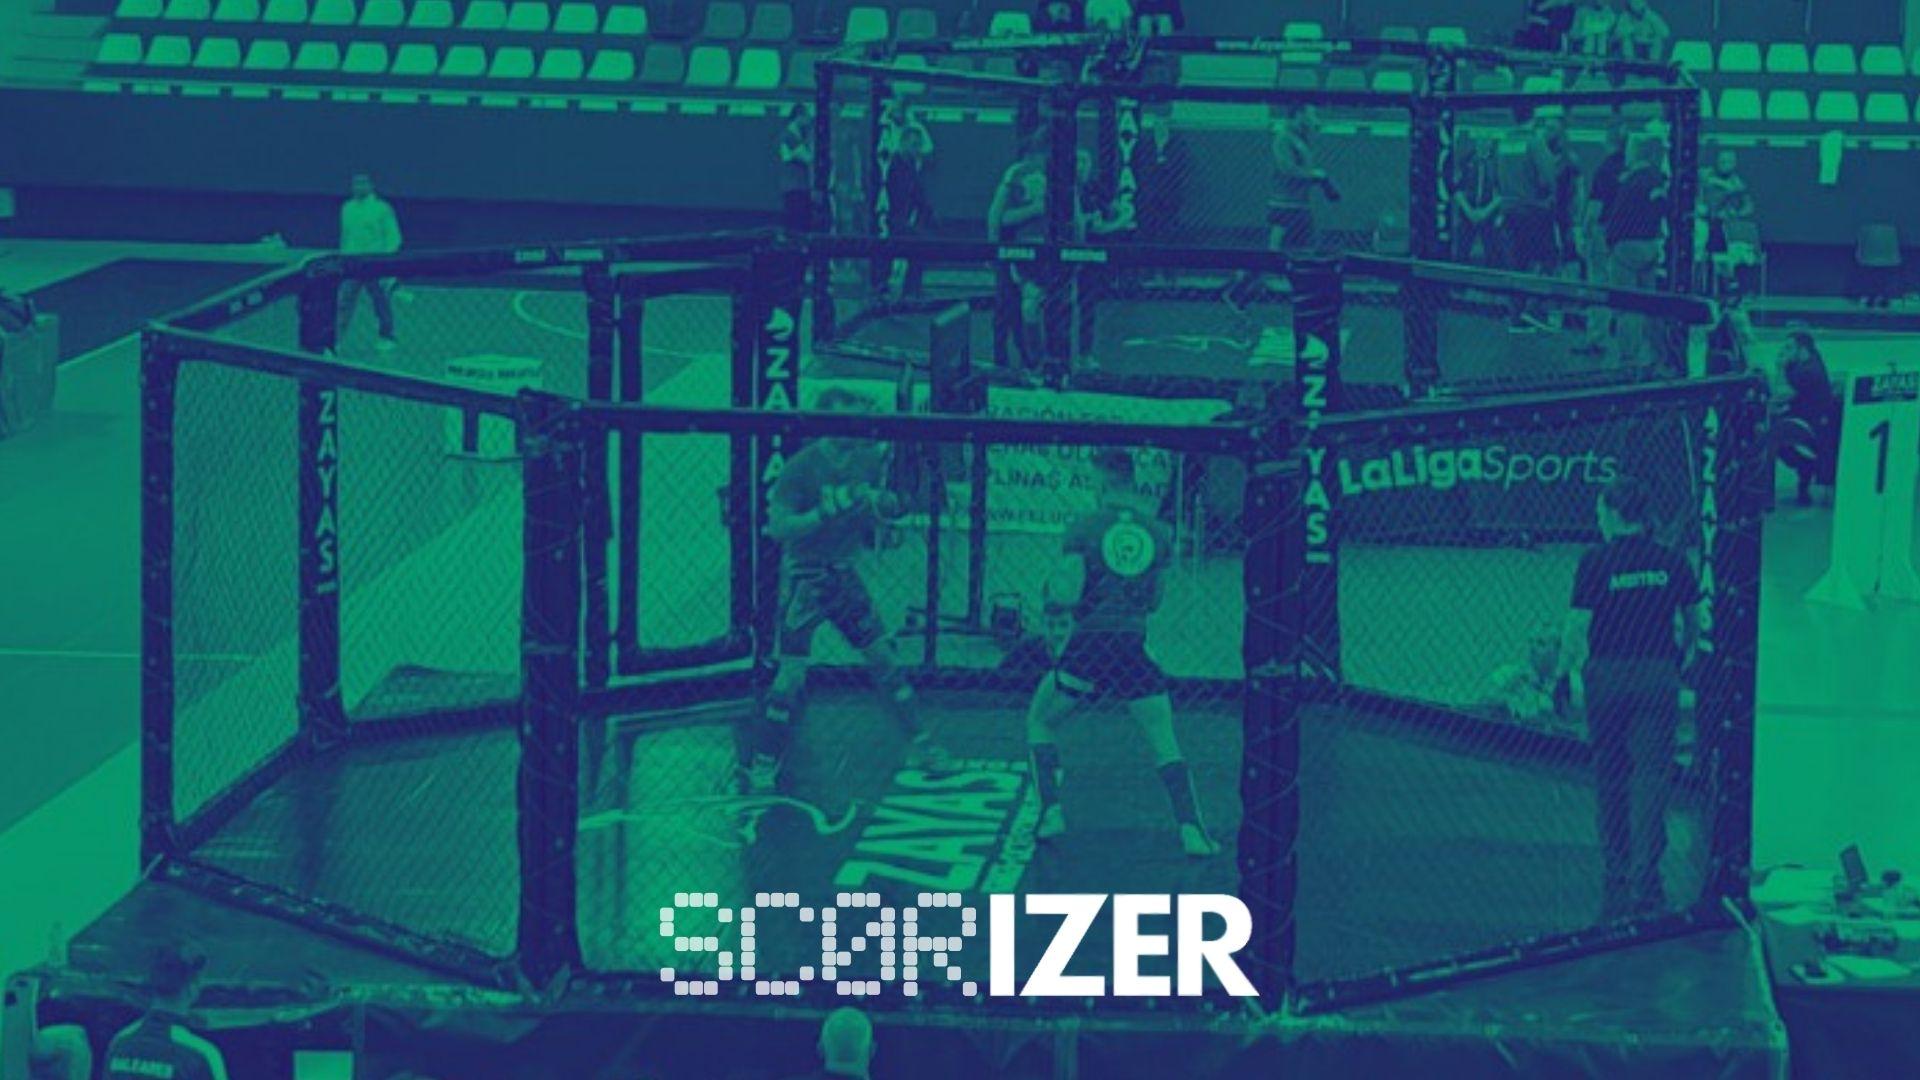 Scorizer